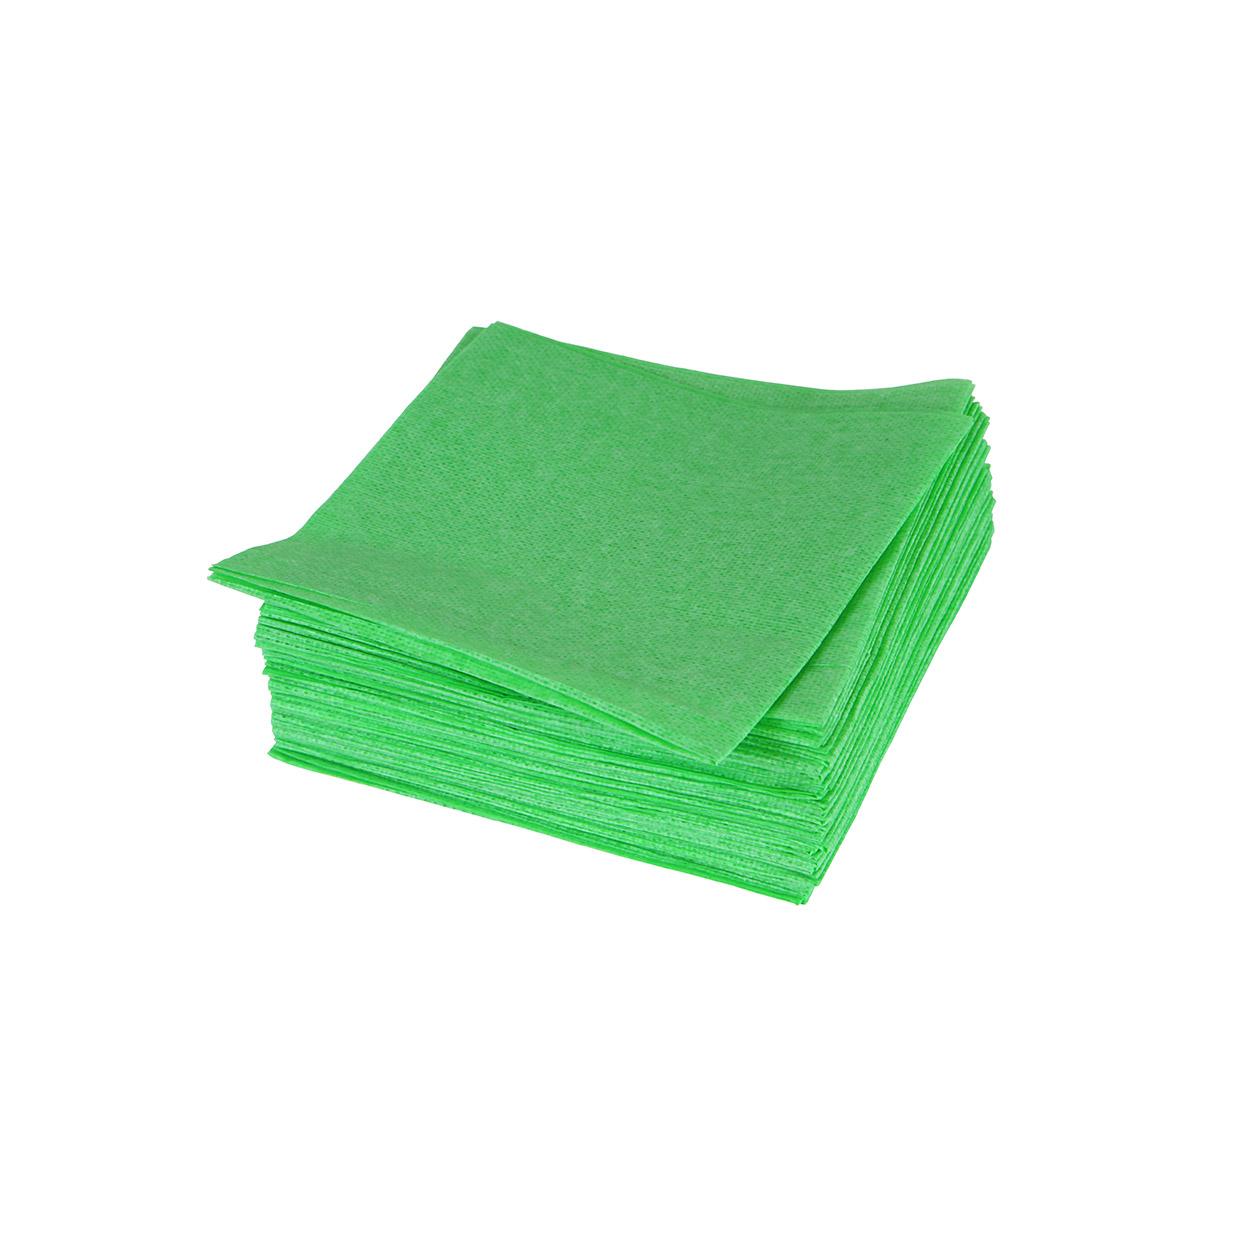 Ściereczki z tkaniny impregnowanej klejem - TEK